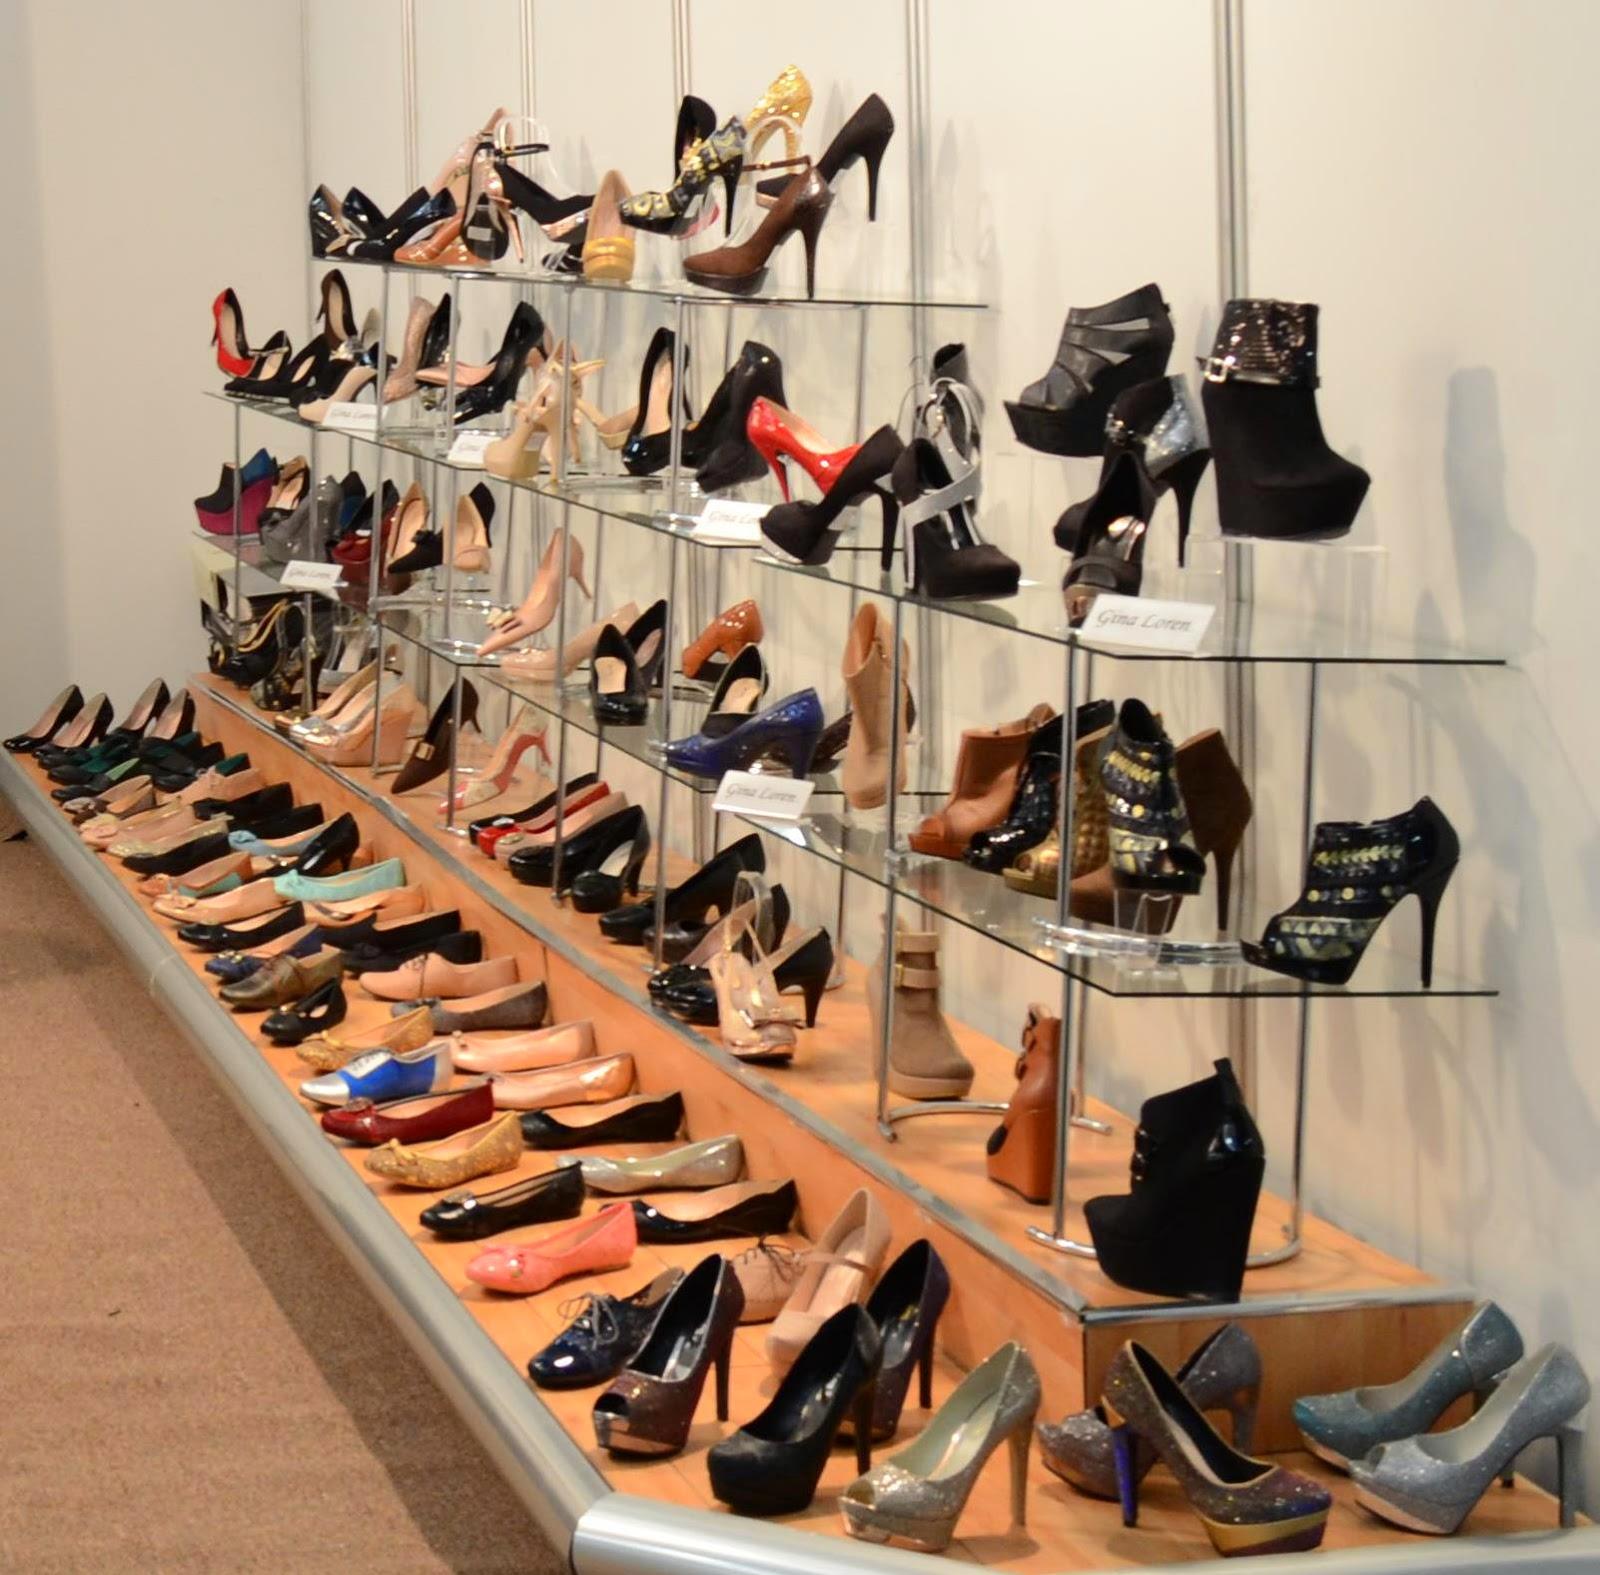 zapatillas dama, calzado de mujer, alta moda, sapica marzo 2014, calzado mexicano, zapatillas de moda.